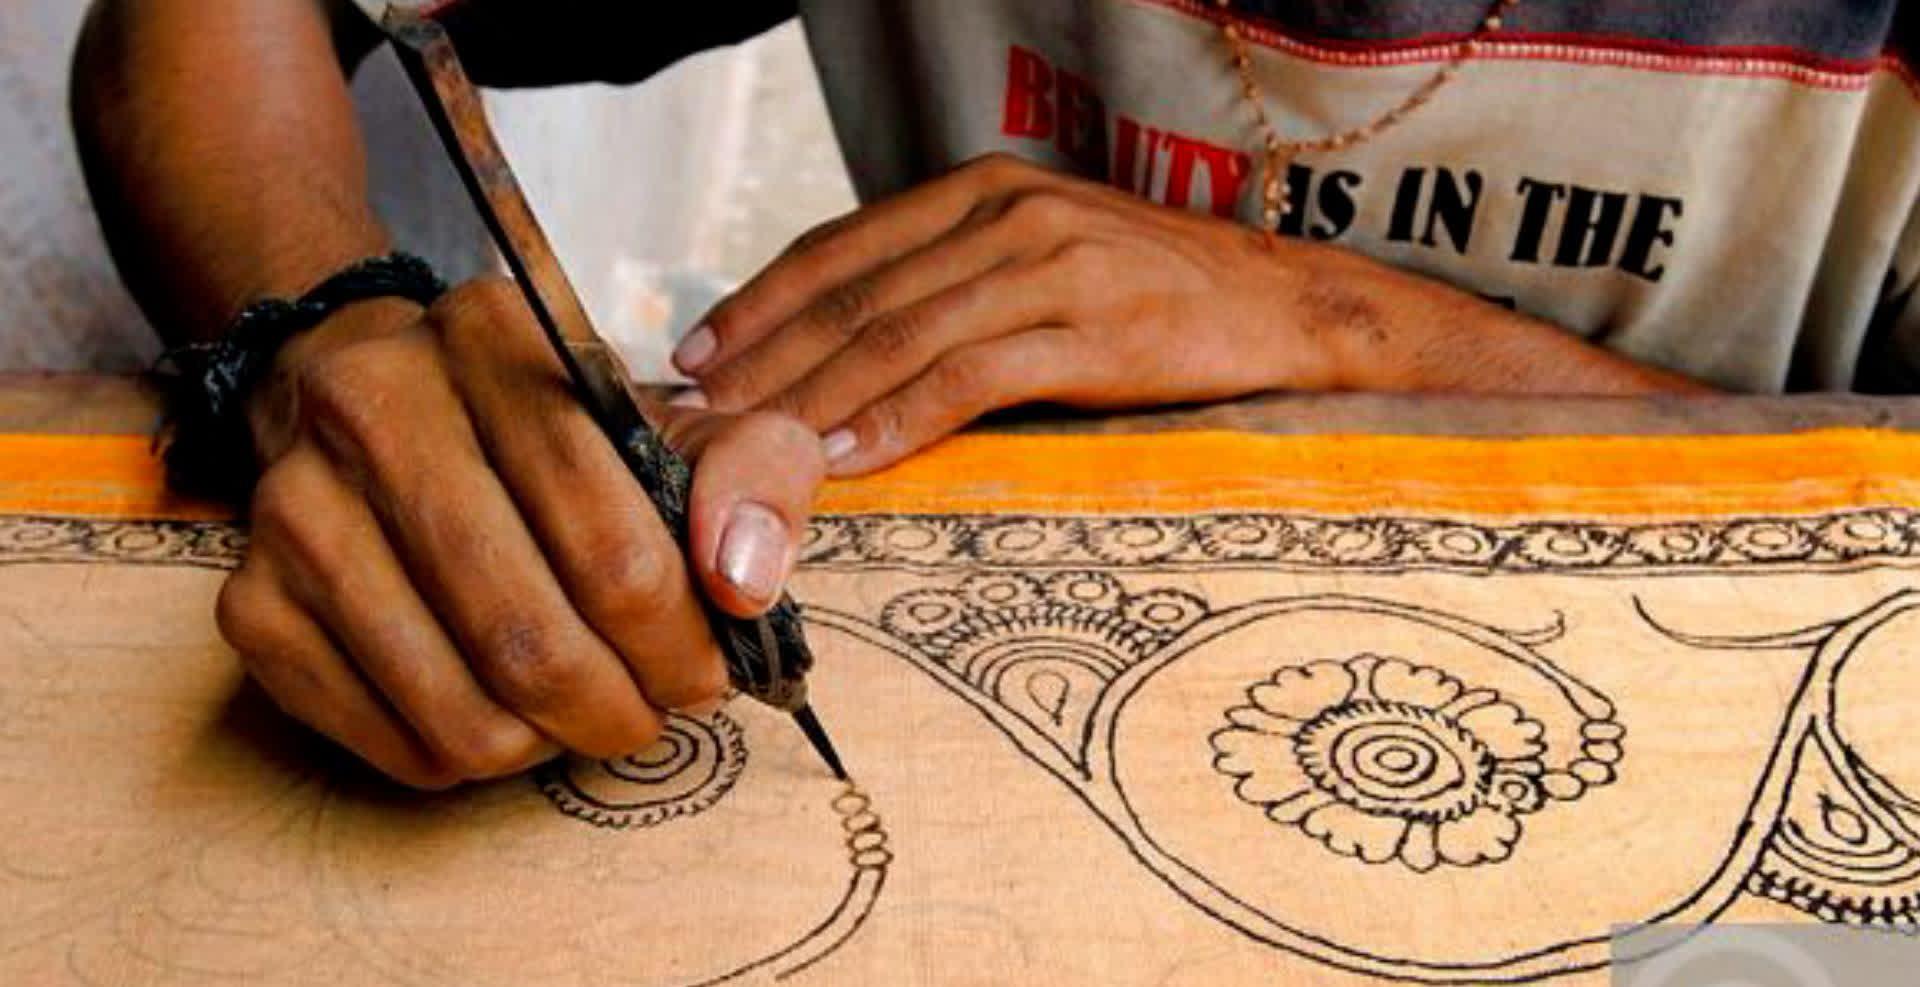 कलमकारी – आंध्र प्रदेश की प्राचीन कला